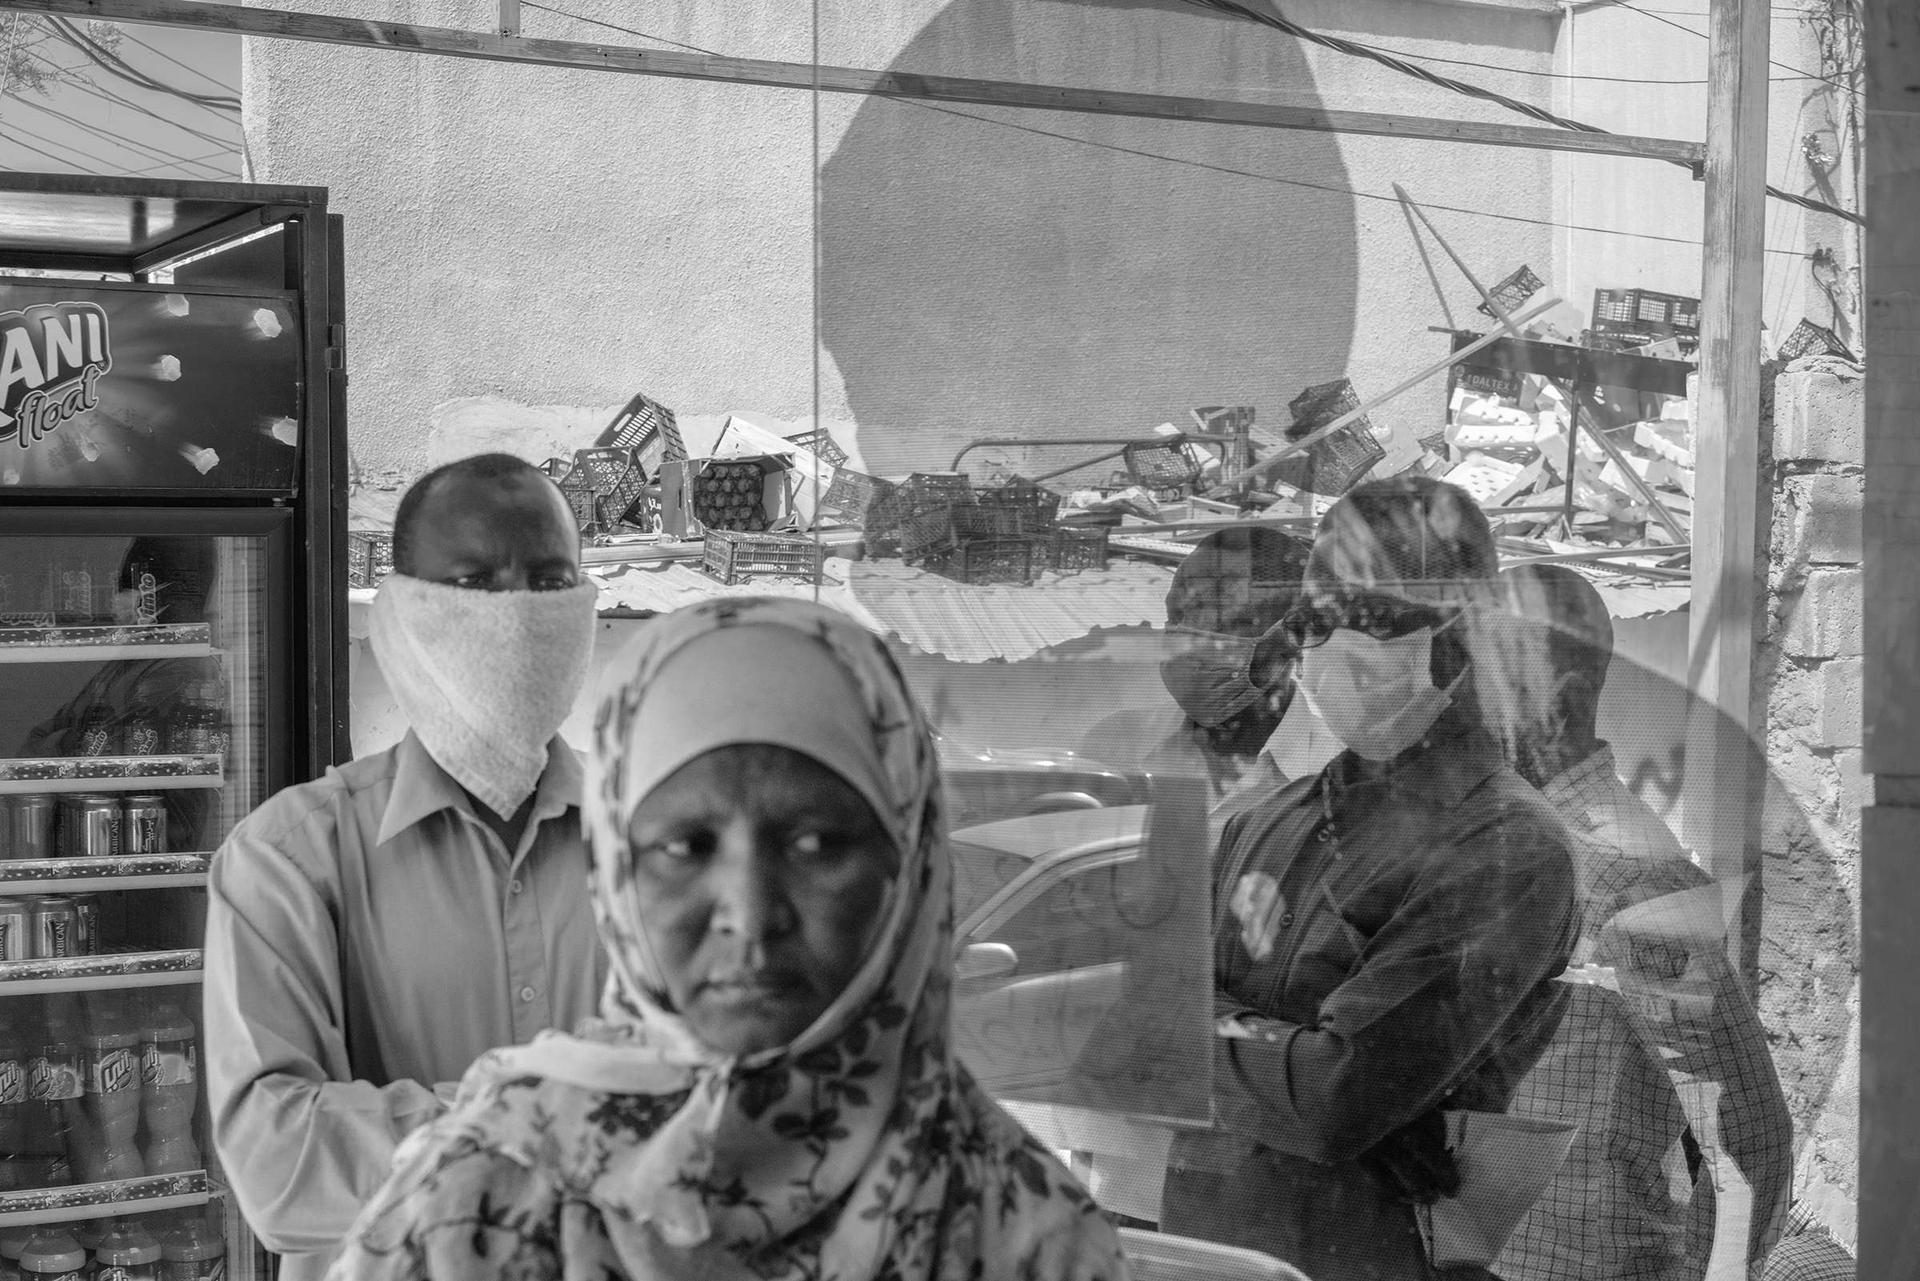 在約旦這個全世界難民密度最高的國家之一,蘇丹難民正在安曼的一家雜貨店等候兌換配給券。約旦在疫情期間的宵禁和經濟衰退對難民造成的衝擊最大;多數合法工作都不開放給非約旦公民。攝影:摩伊西斯.薩曼 MOISES SAMAN